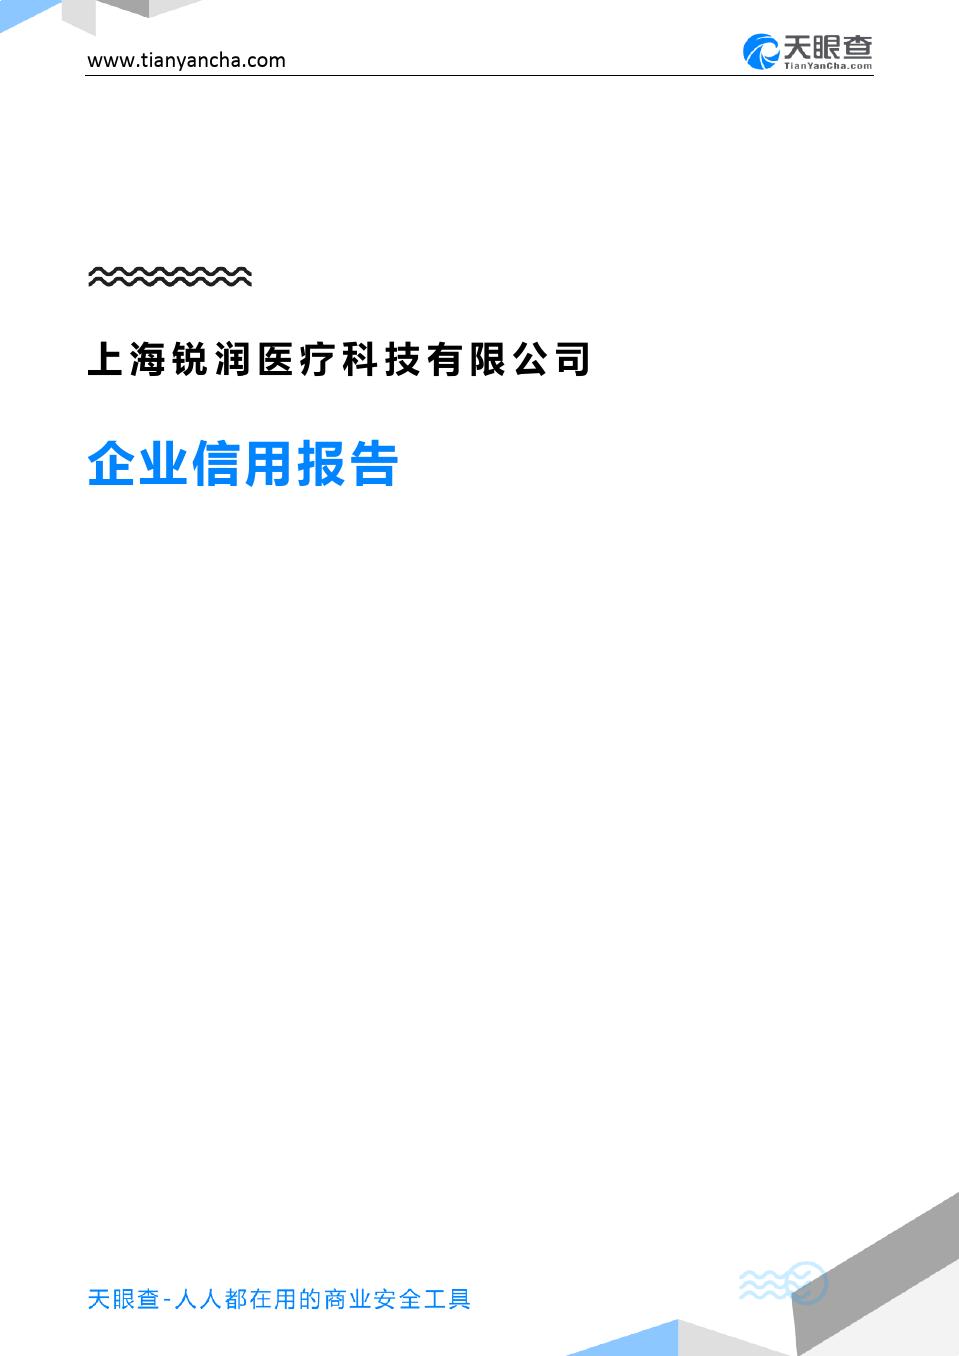 上海锐润医疗科技有限公司企业信用报告-天眼查